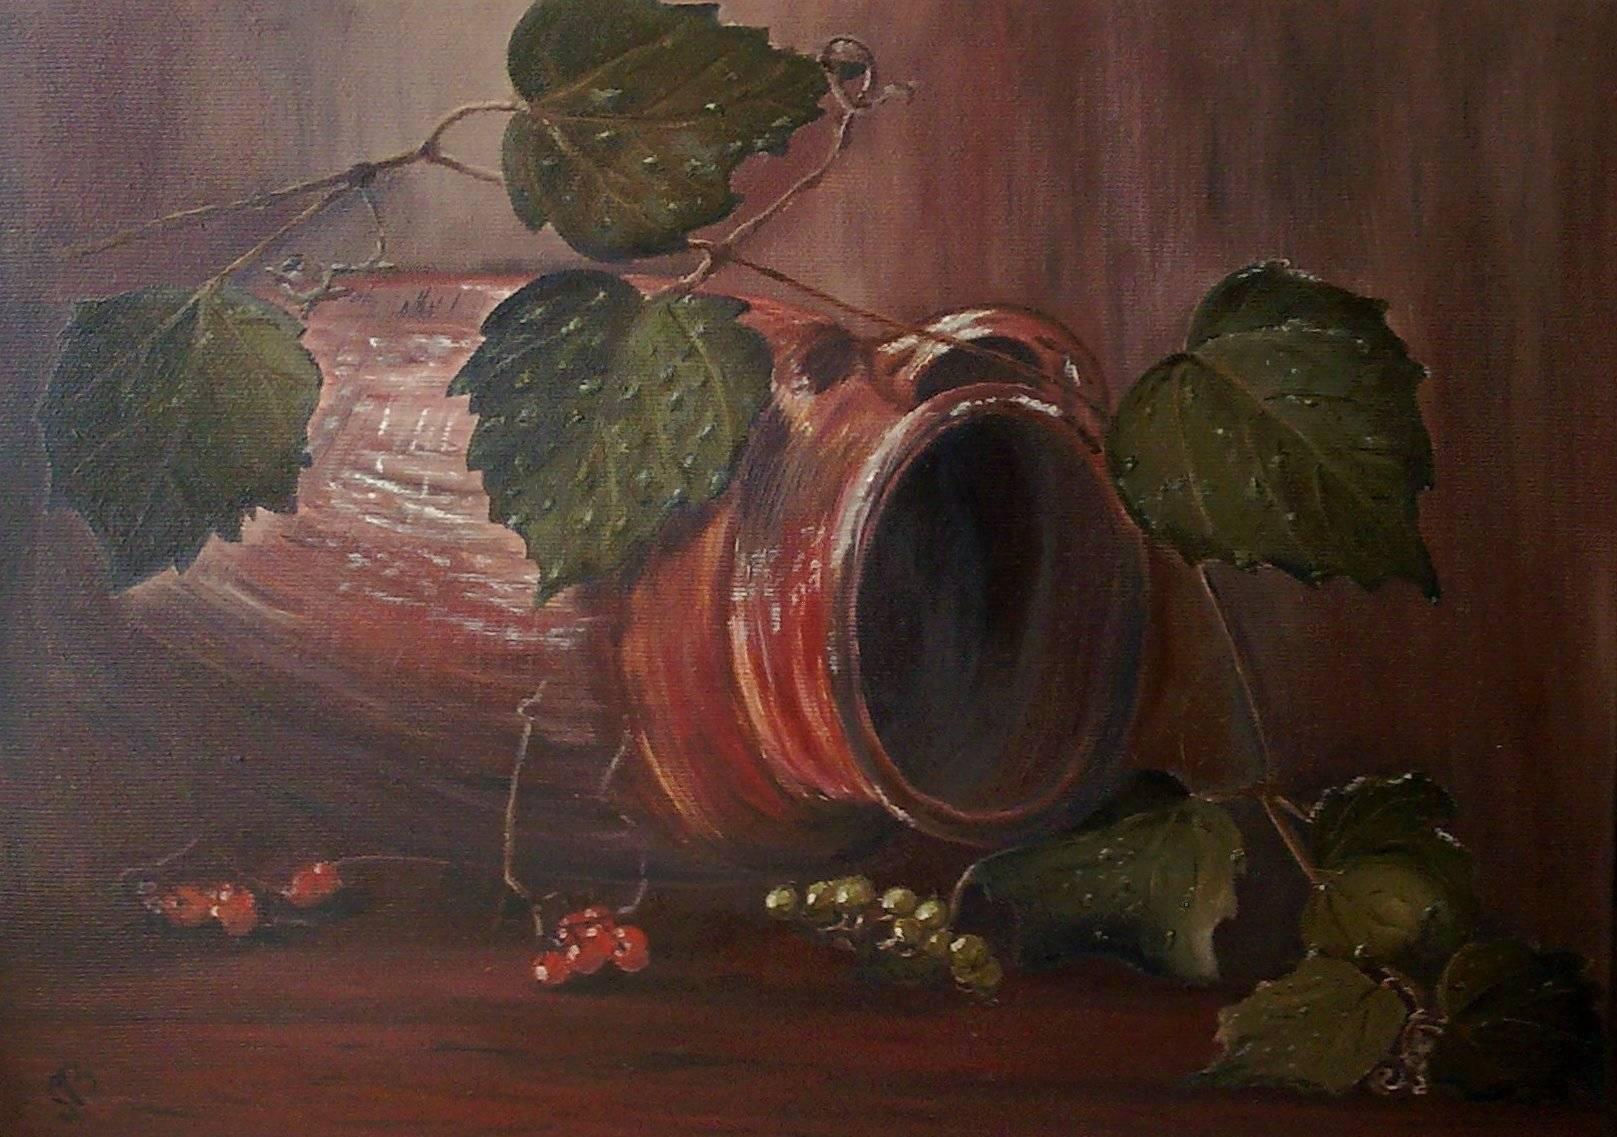 КувшинJarх/мoil on canvas25х35